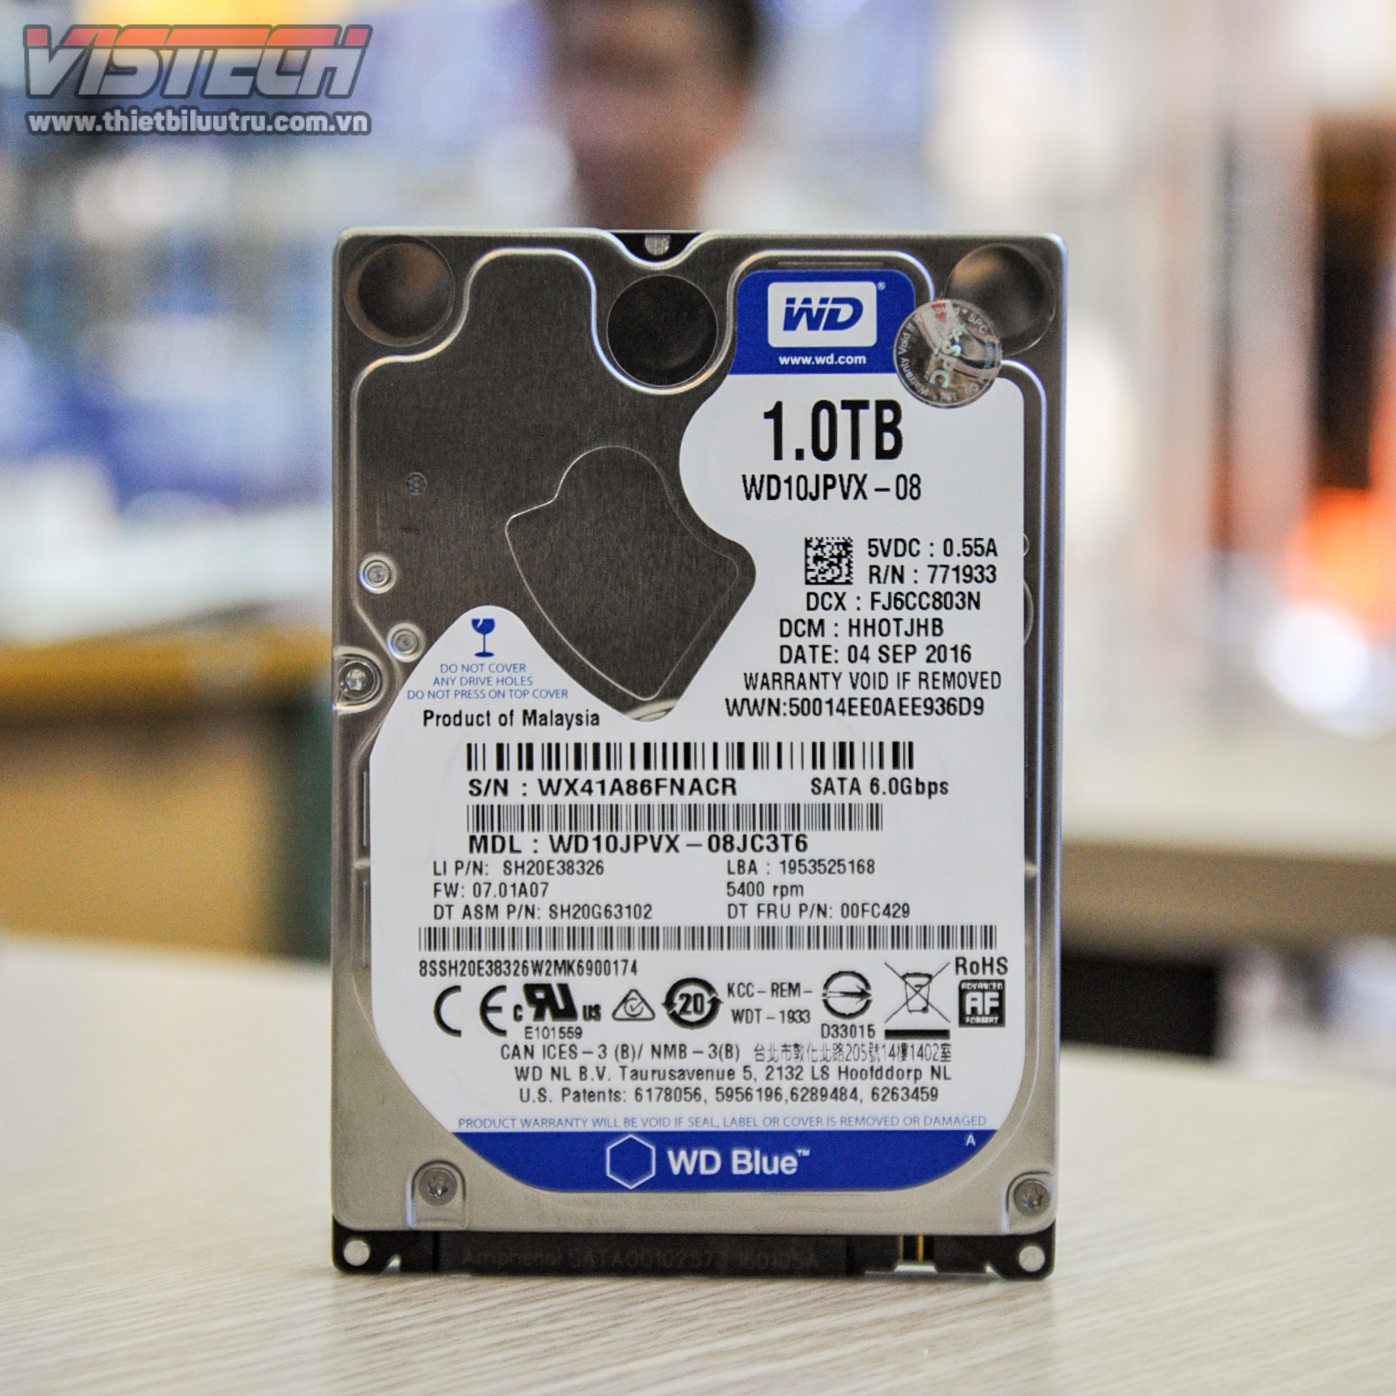 Cng Laptop Wd Blue 1tb 25 Wd10jpvx Harddisk Wb Hardisk